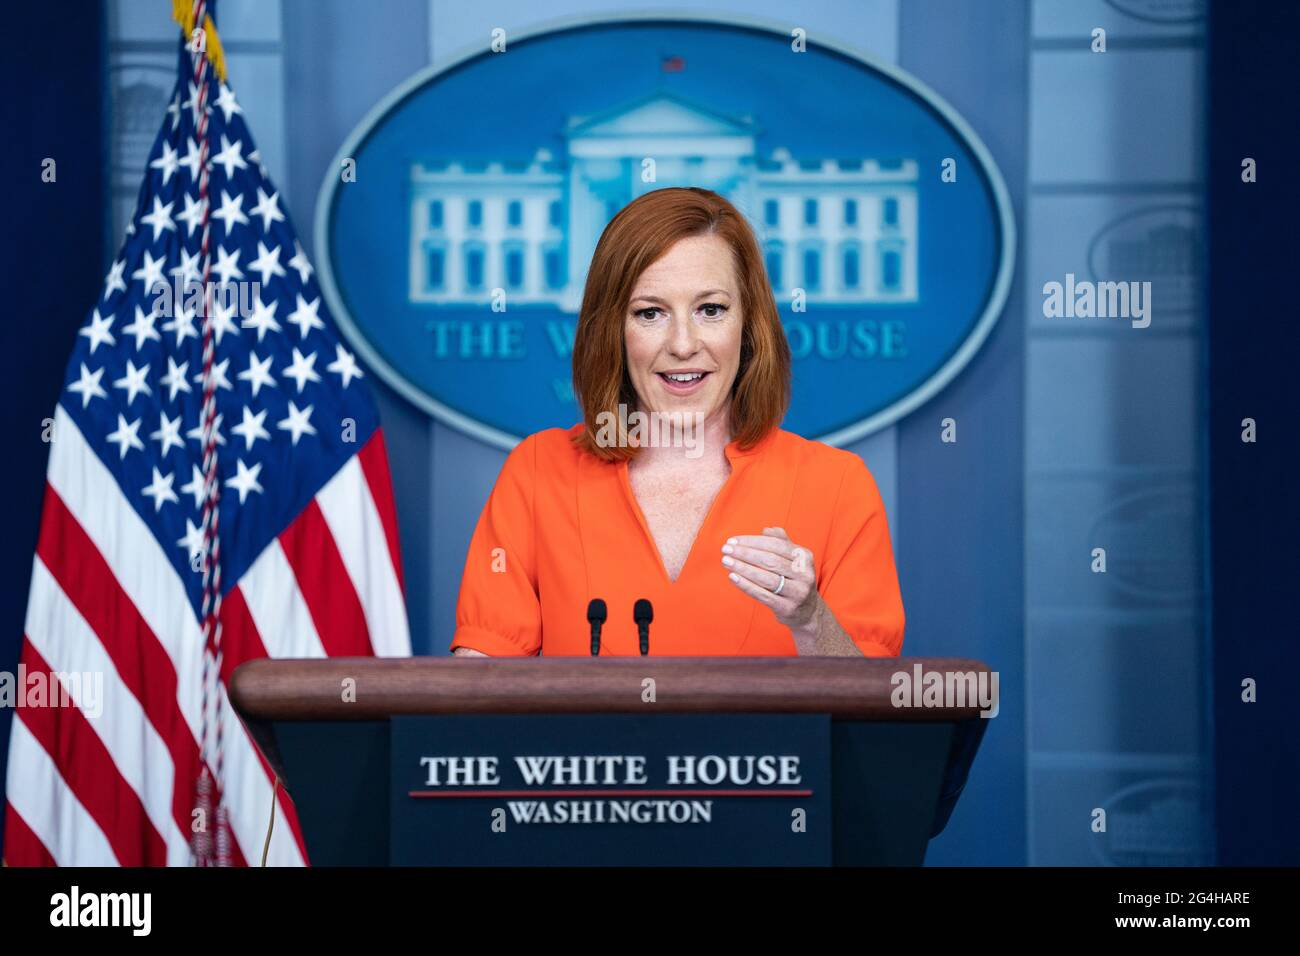 Le secrétaire de presse de la Maison Blanche, Jen Psaki, s'adresse aux journalistes lors du briefing de presse quotidien de la Maison Blanche à la Maison Blanche, le mardi 21 juin 2021 à Washington, DC crédit: Alex Edelman/Pool via CNP/MediaPunch Banque D'Images